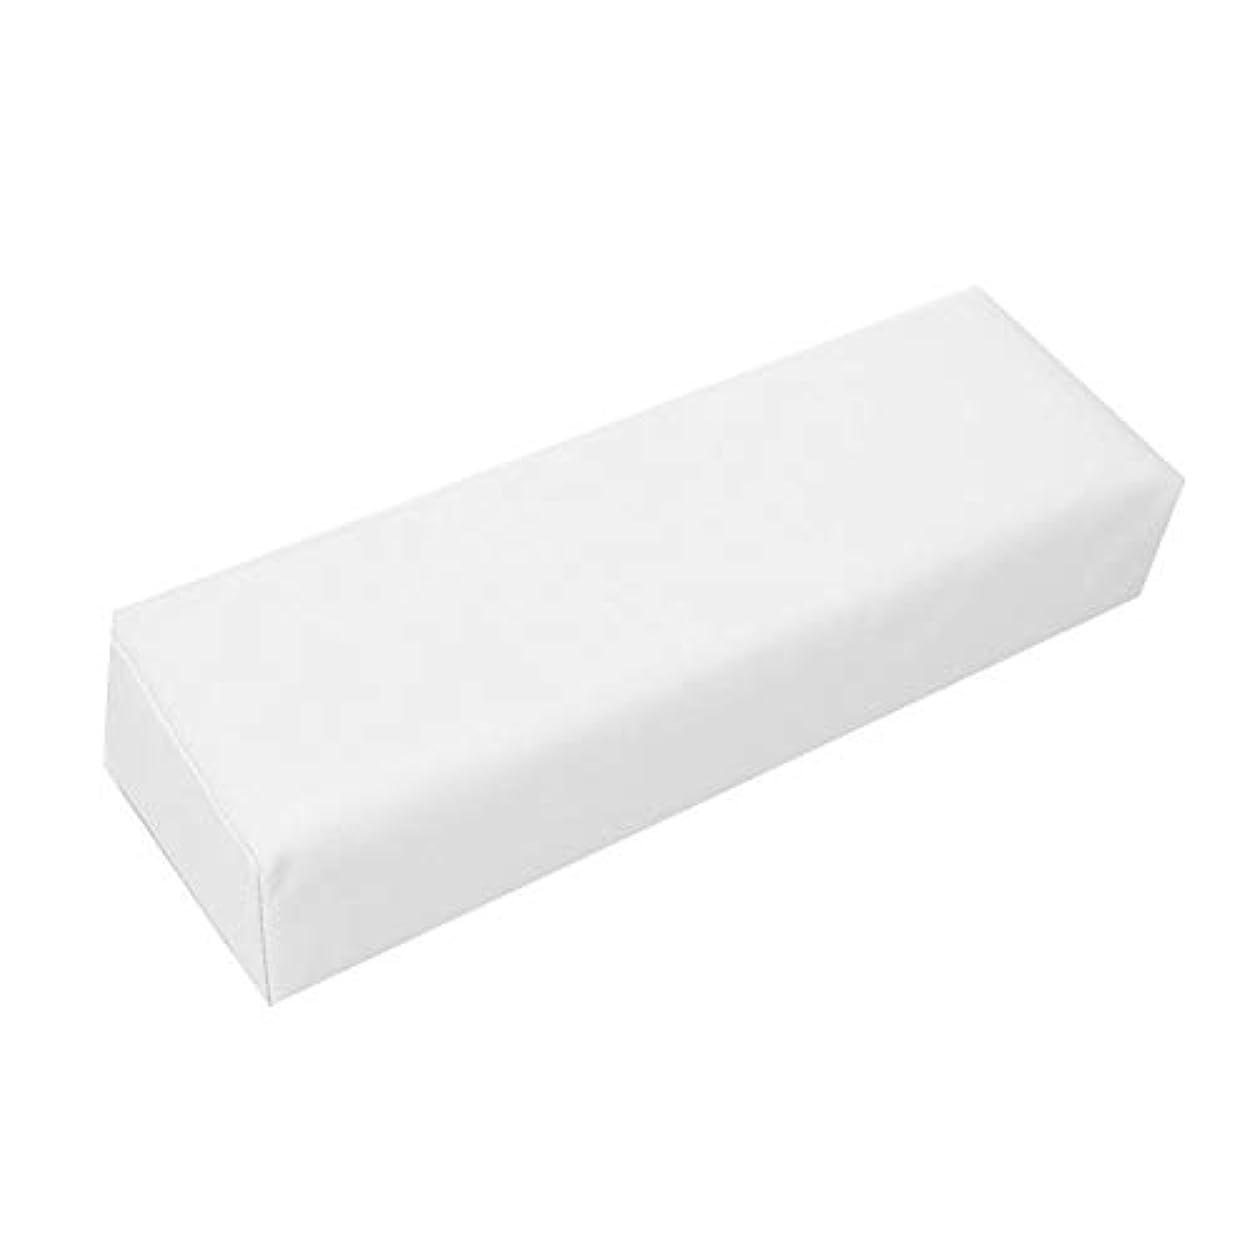 大型トラック不機嫌コメンテーターネイルアートハンドピローサロンソフトハンドレストホルダー(白)